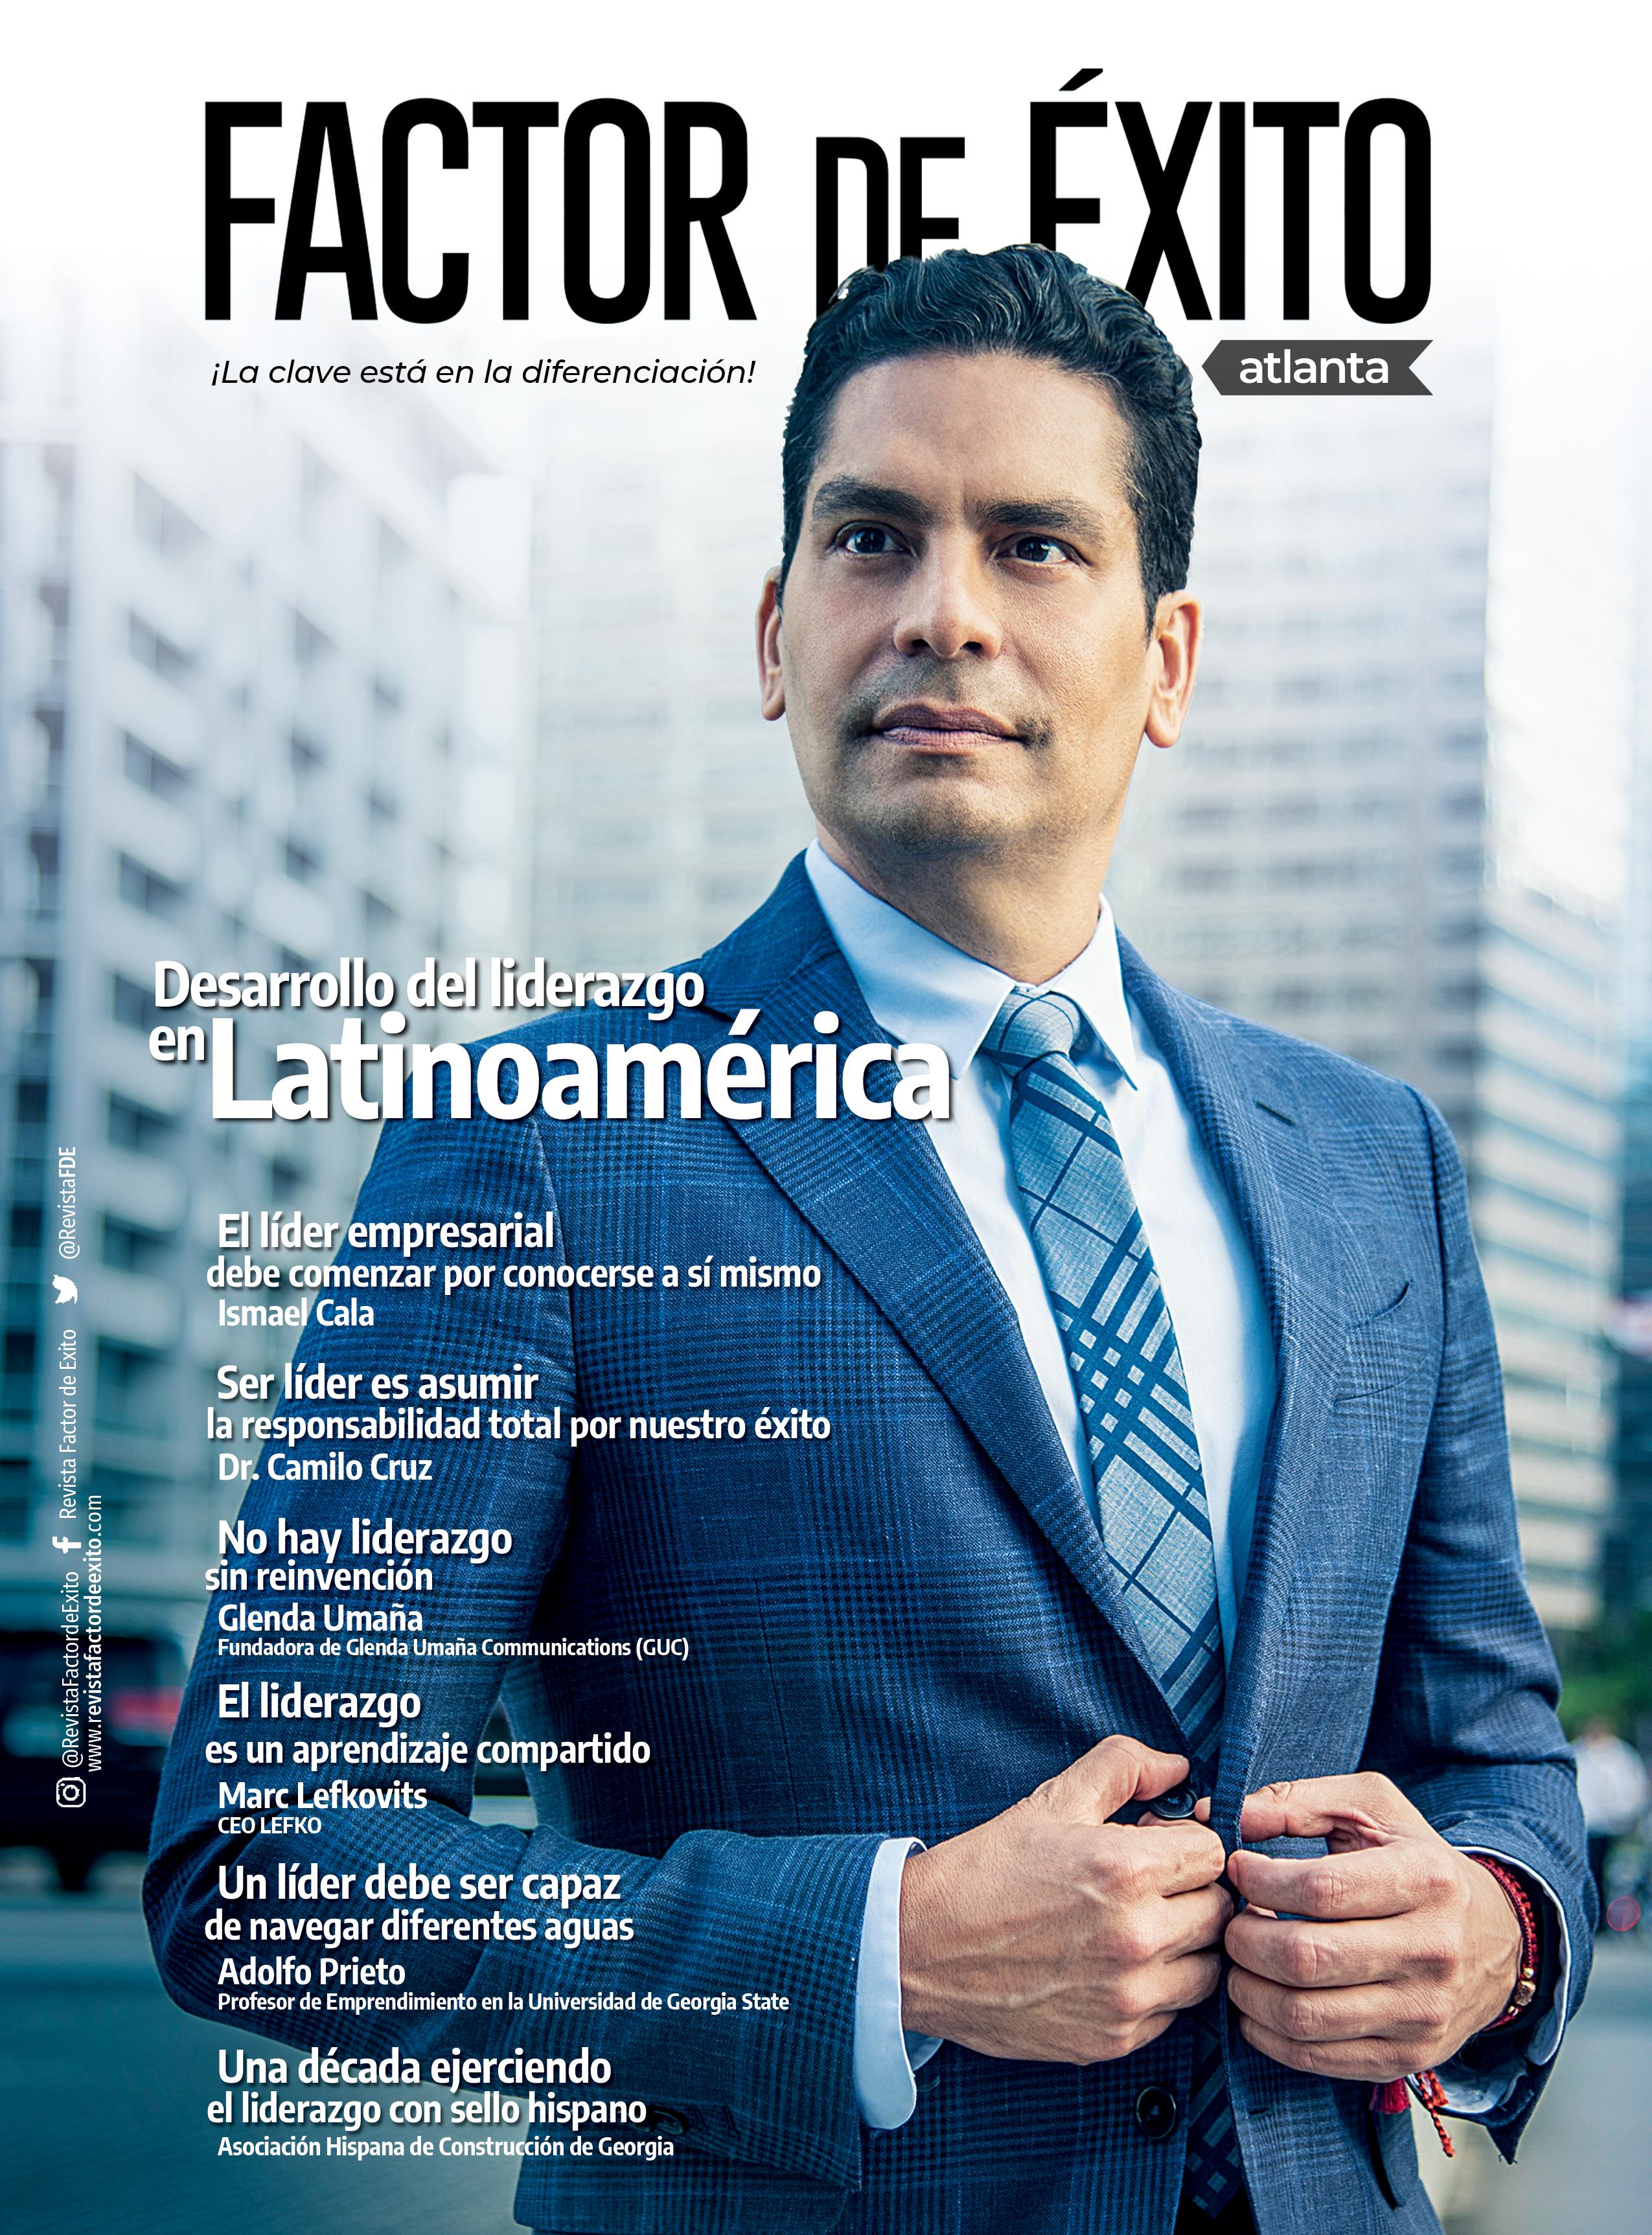 ATLANTA  edición #1 Revista Factor de Éxito